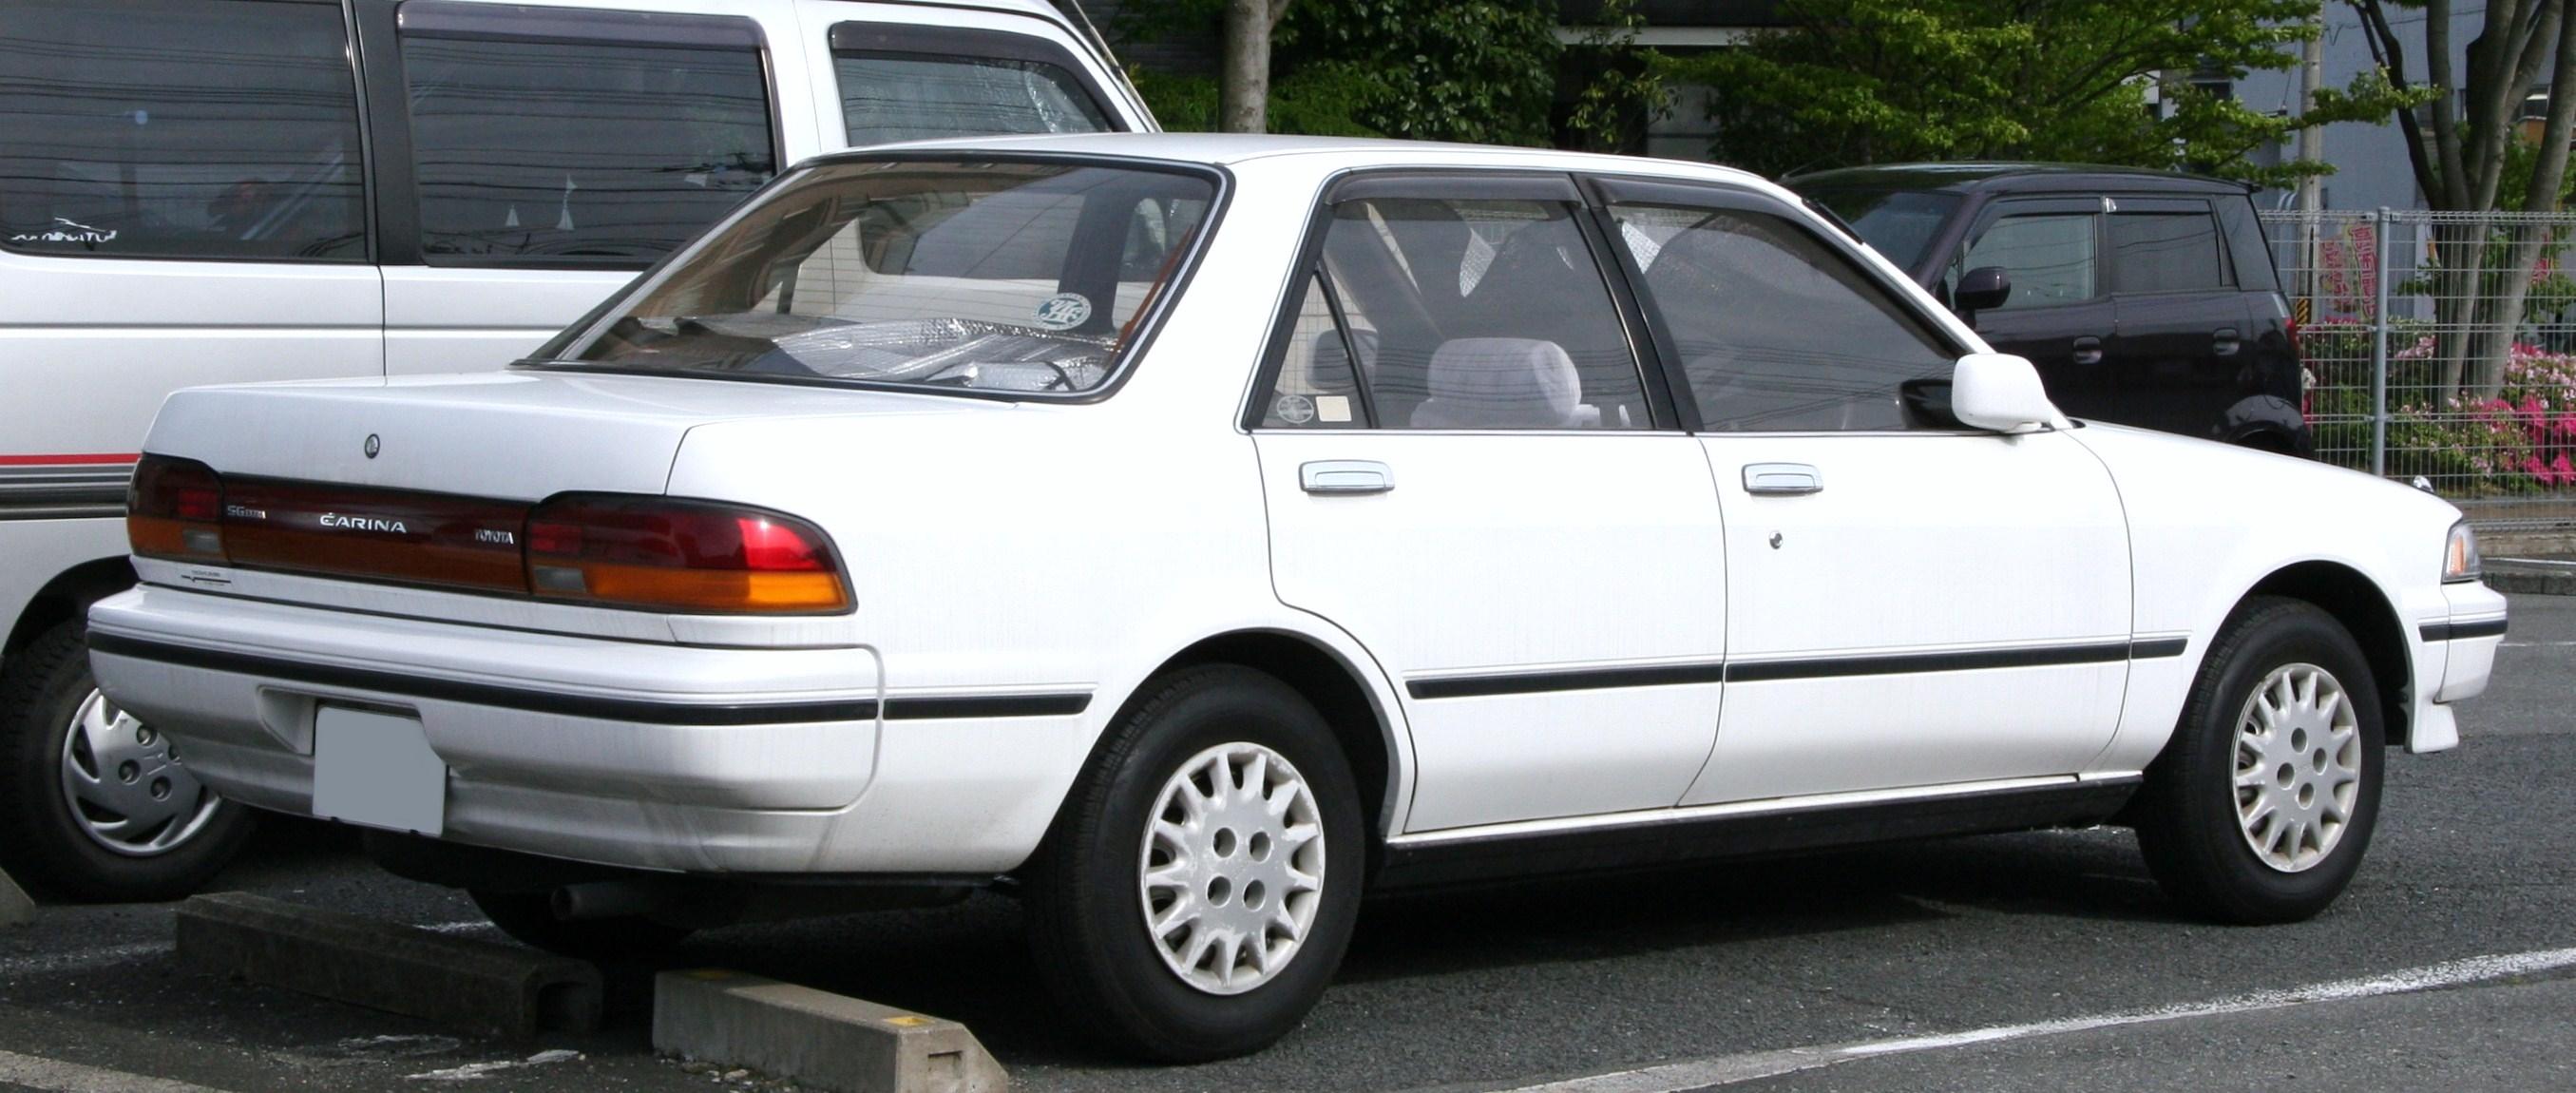 тойота карина 1992 запчасти